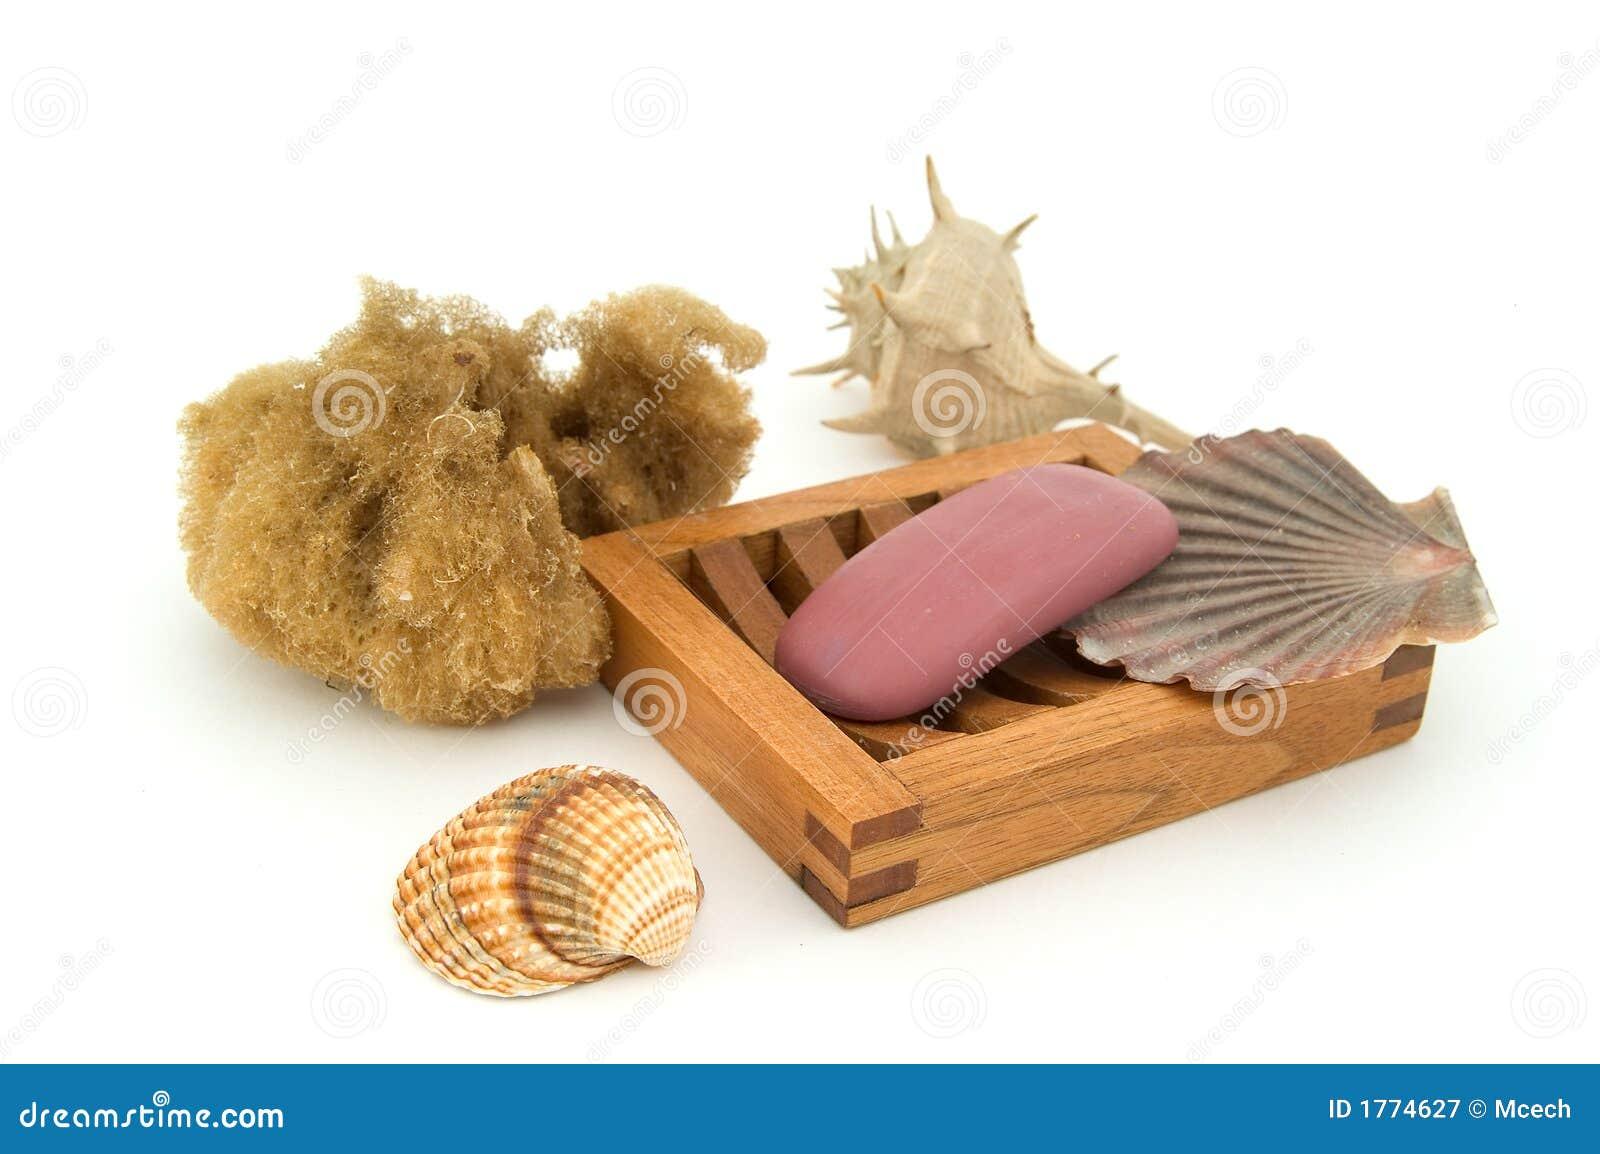 Sabão com esponja e escudos naturais.